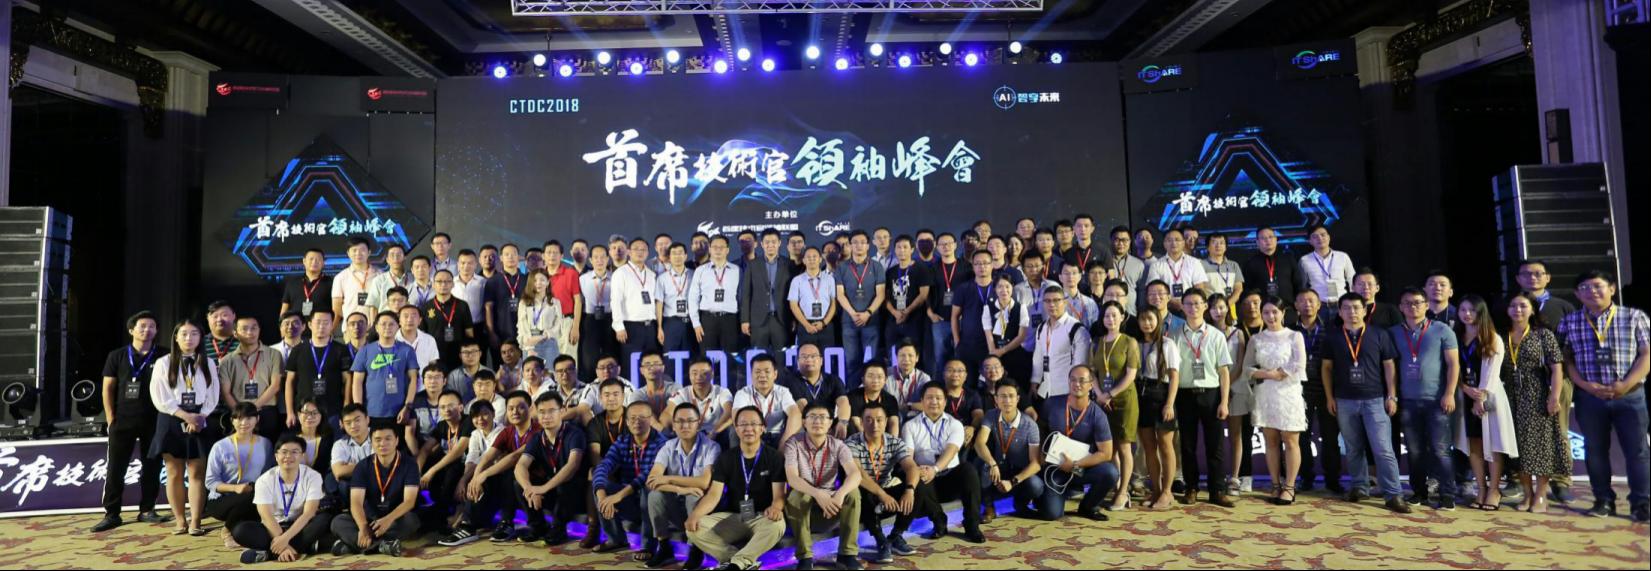 CTDC2020首席技术官领袖峰会-黄山站